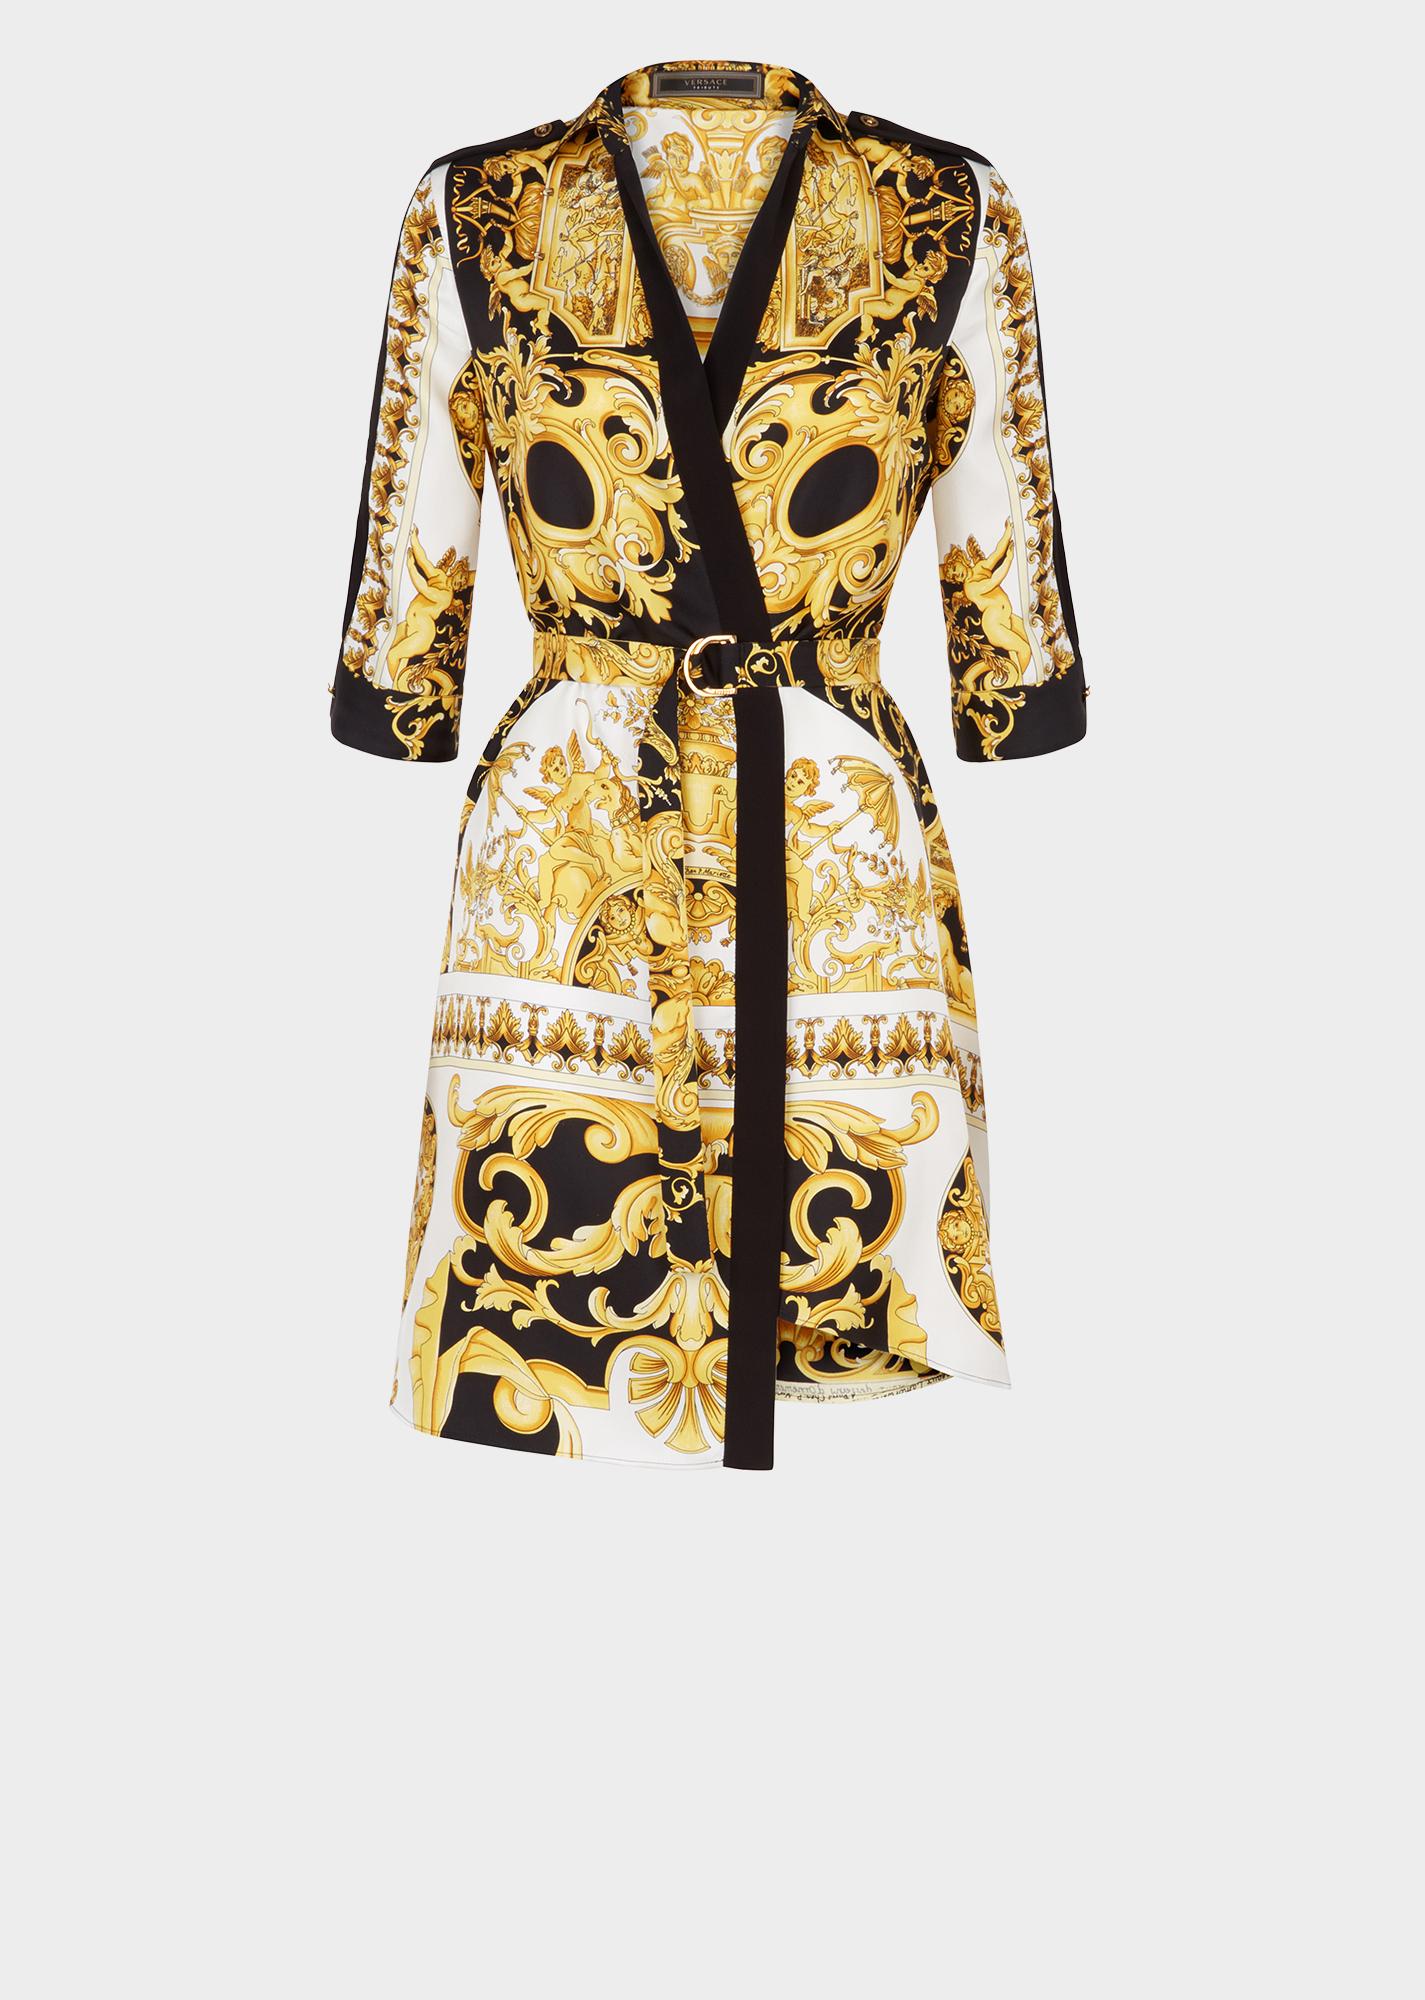 Soie Barocco Uixpzk Chemise Robe En Imprimé Ss'92 Versace Femme 34jAL5R